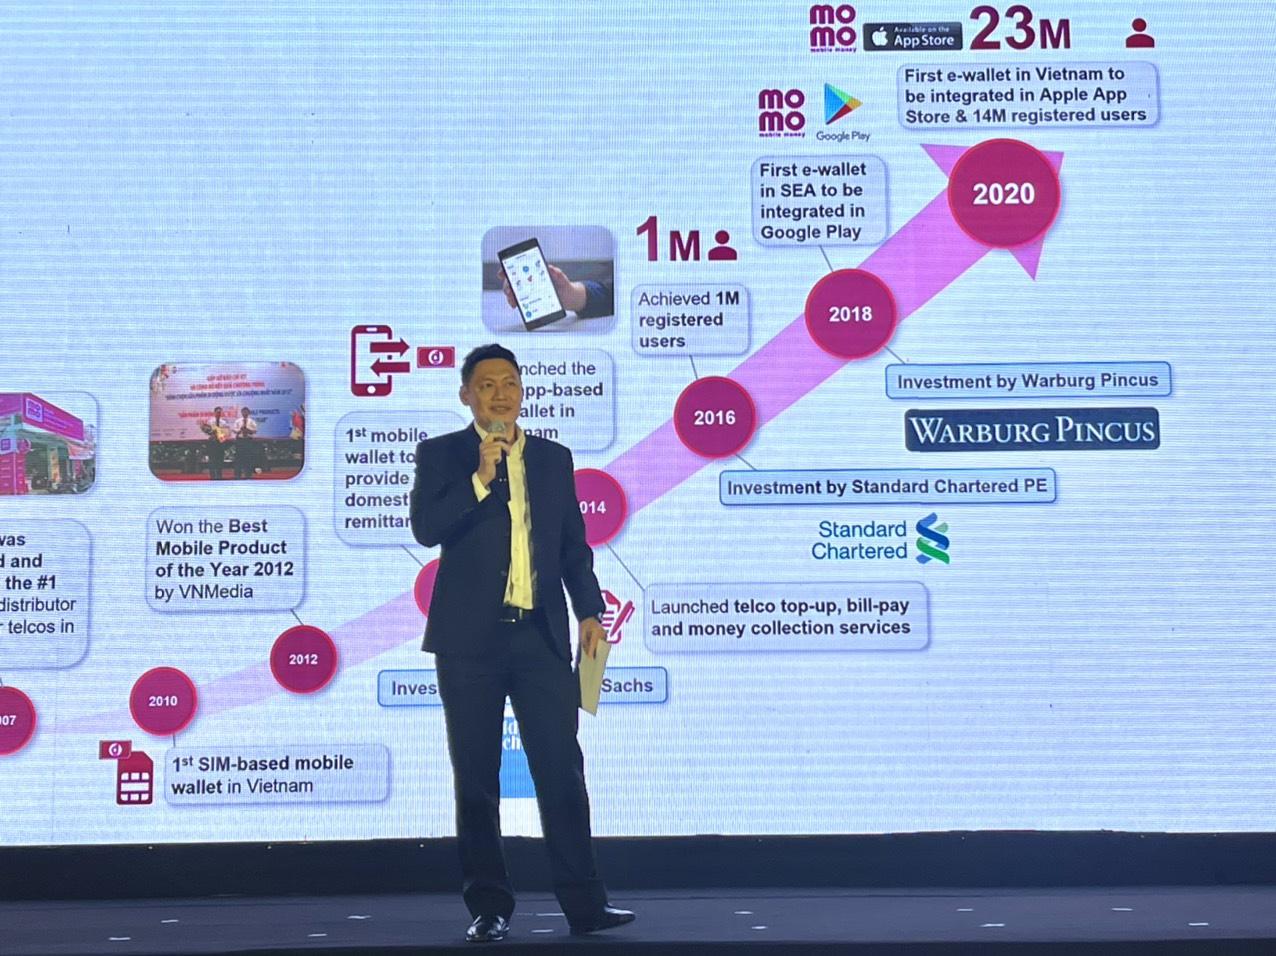 Momo gọi vốn Series D, thành lập quỹ hỗ trợ startup - Ảnh 1.